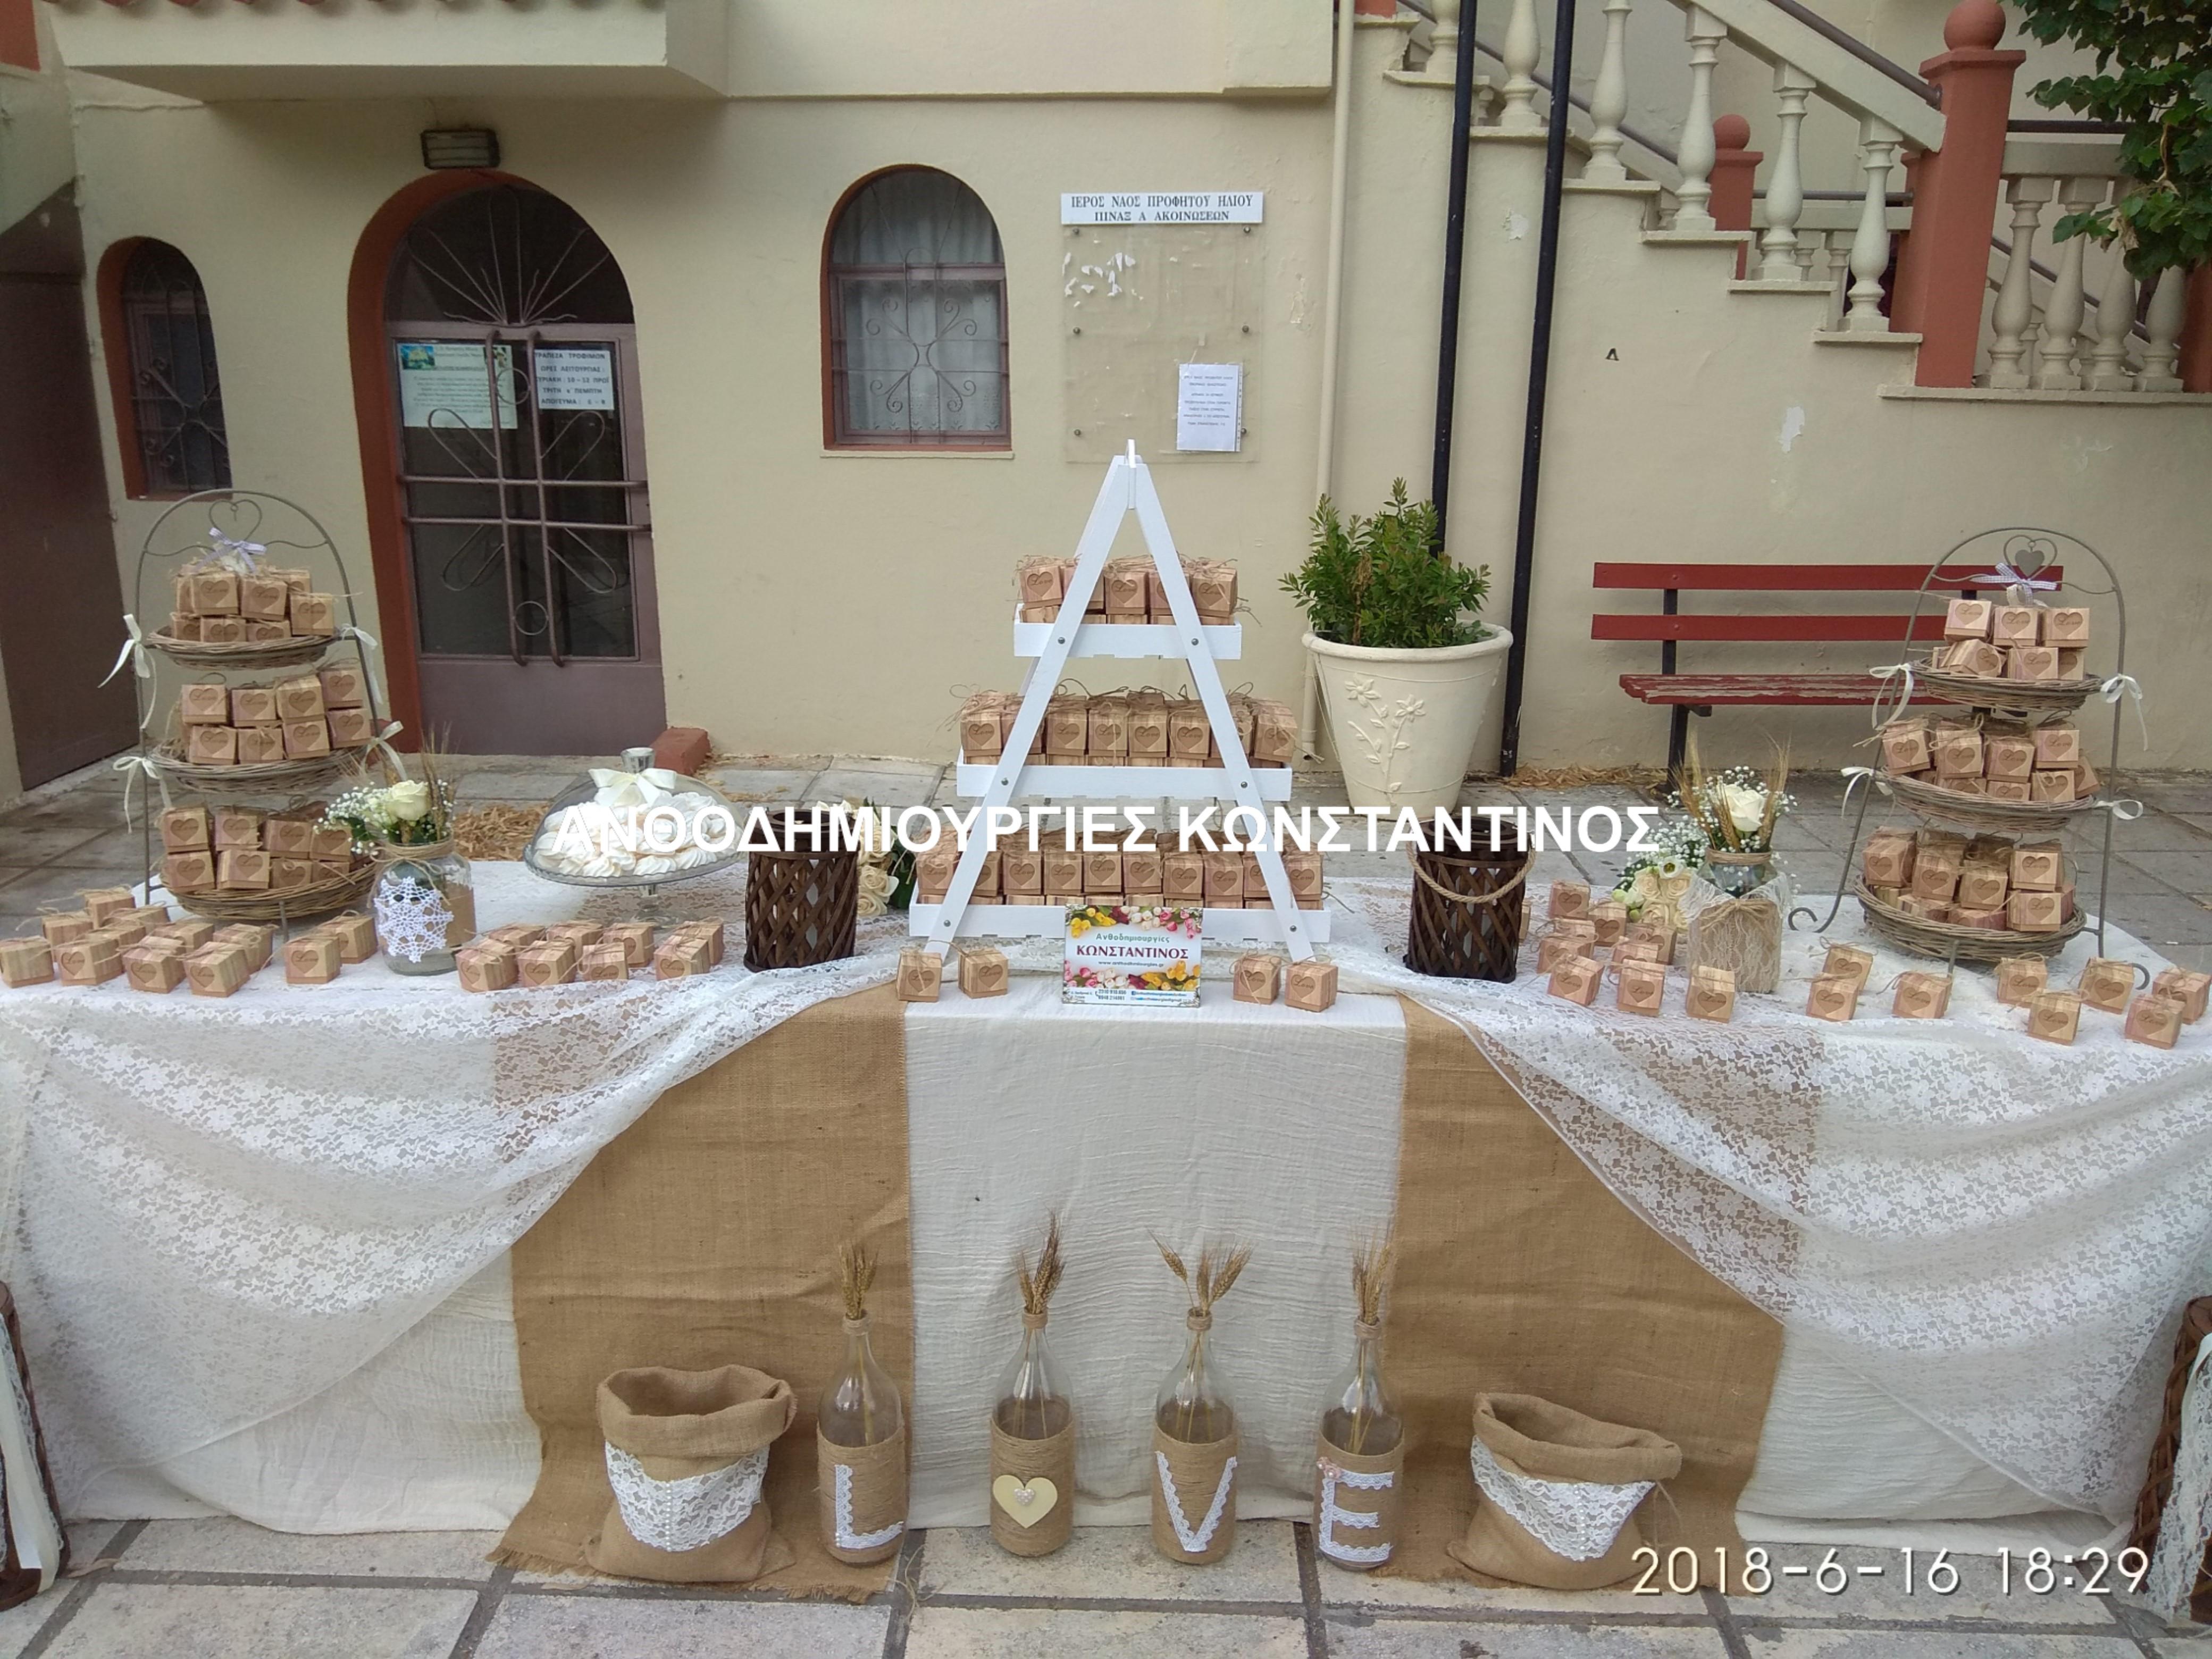 διακόσμηση τραπεζιού μπομπονιέρας σε εκκλησία της ηλιούπολης